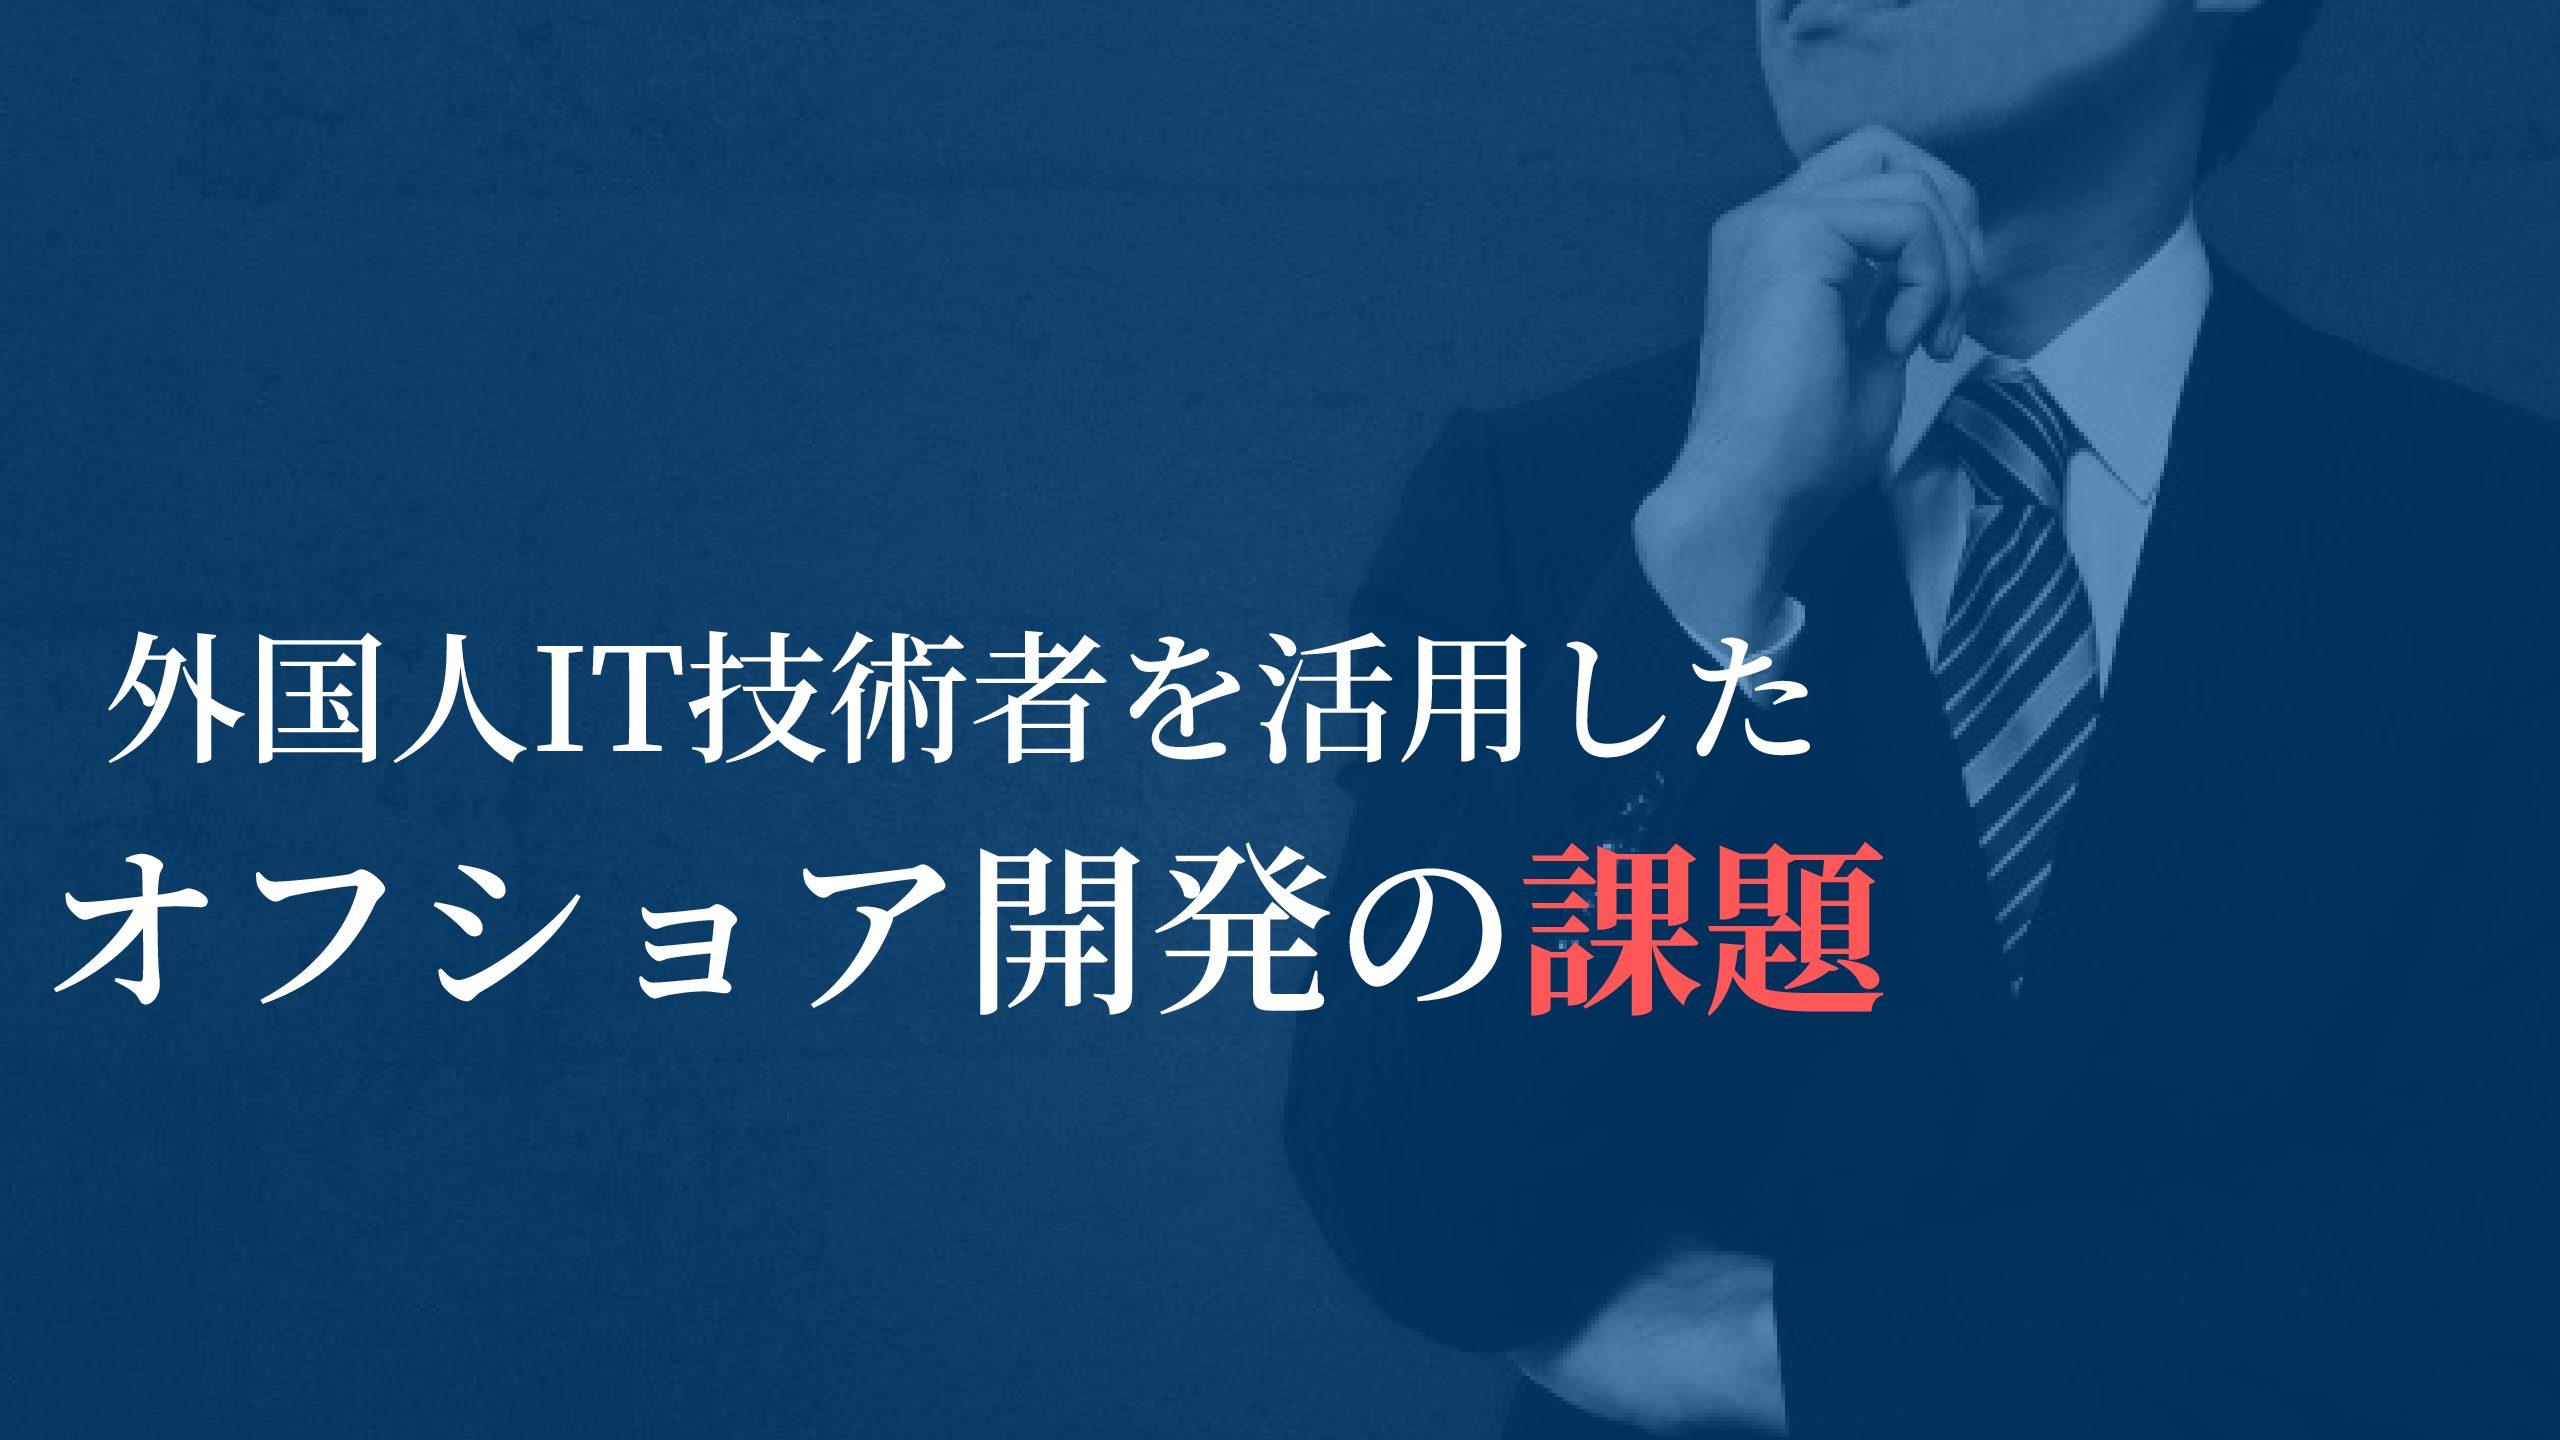 【オフショア】海外のIT人材を活用したオフショアの課題と対応策